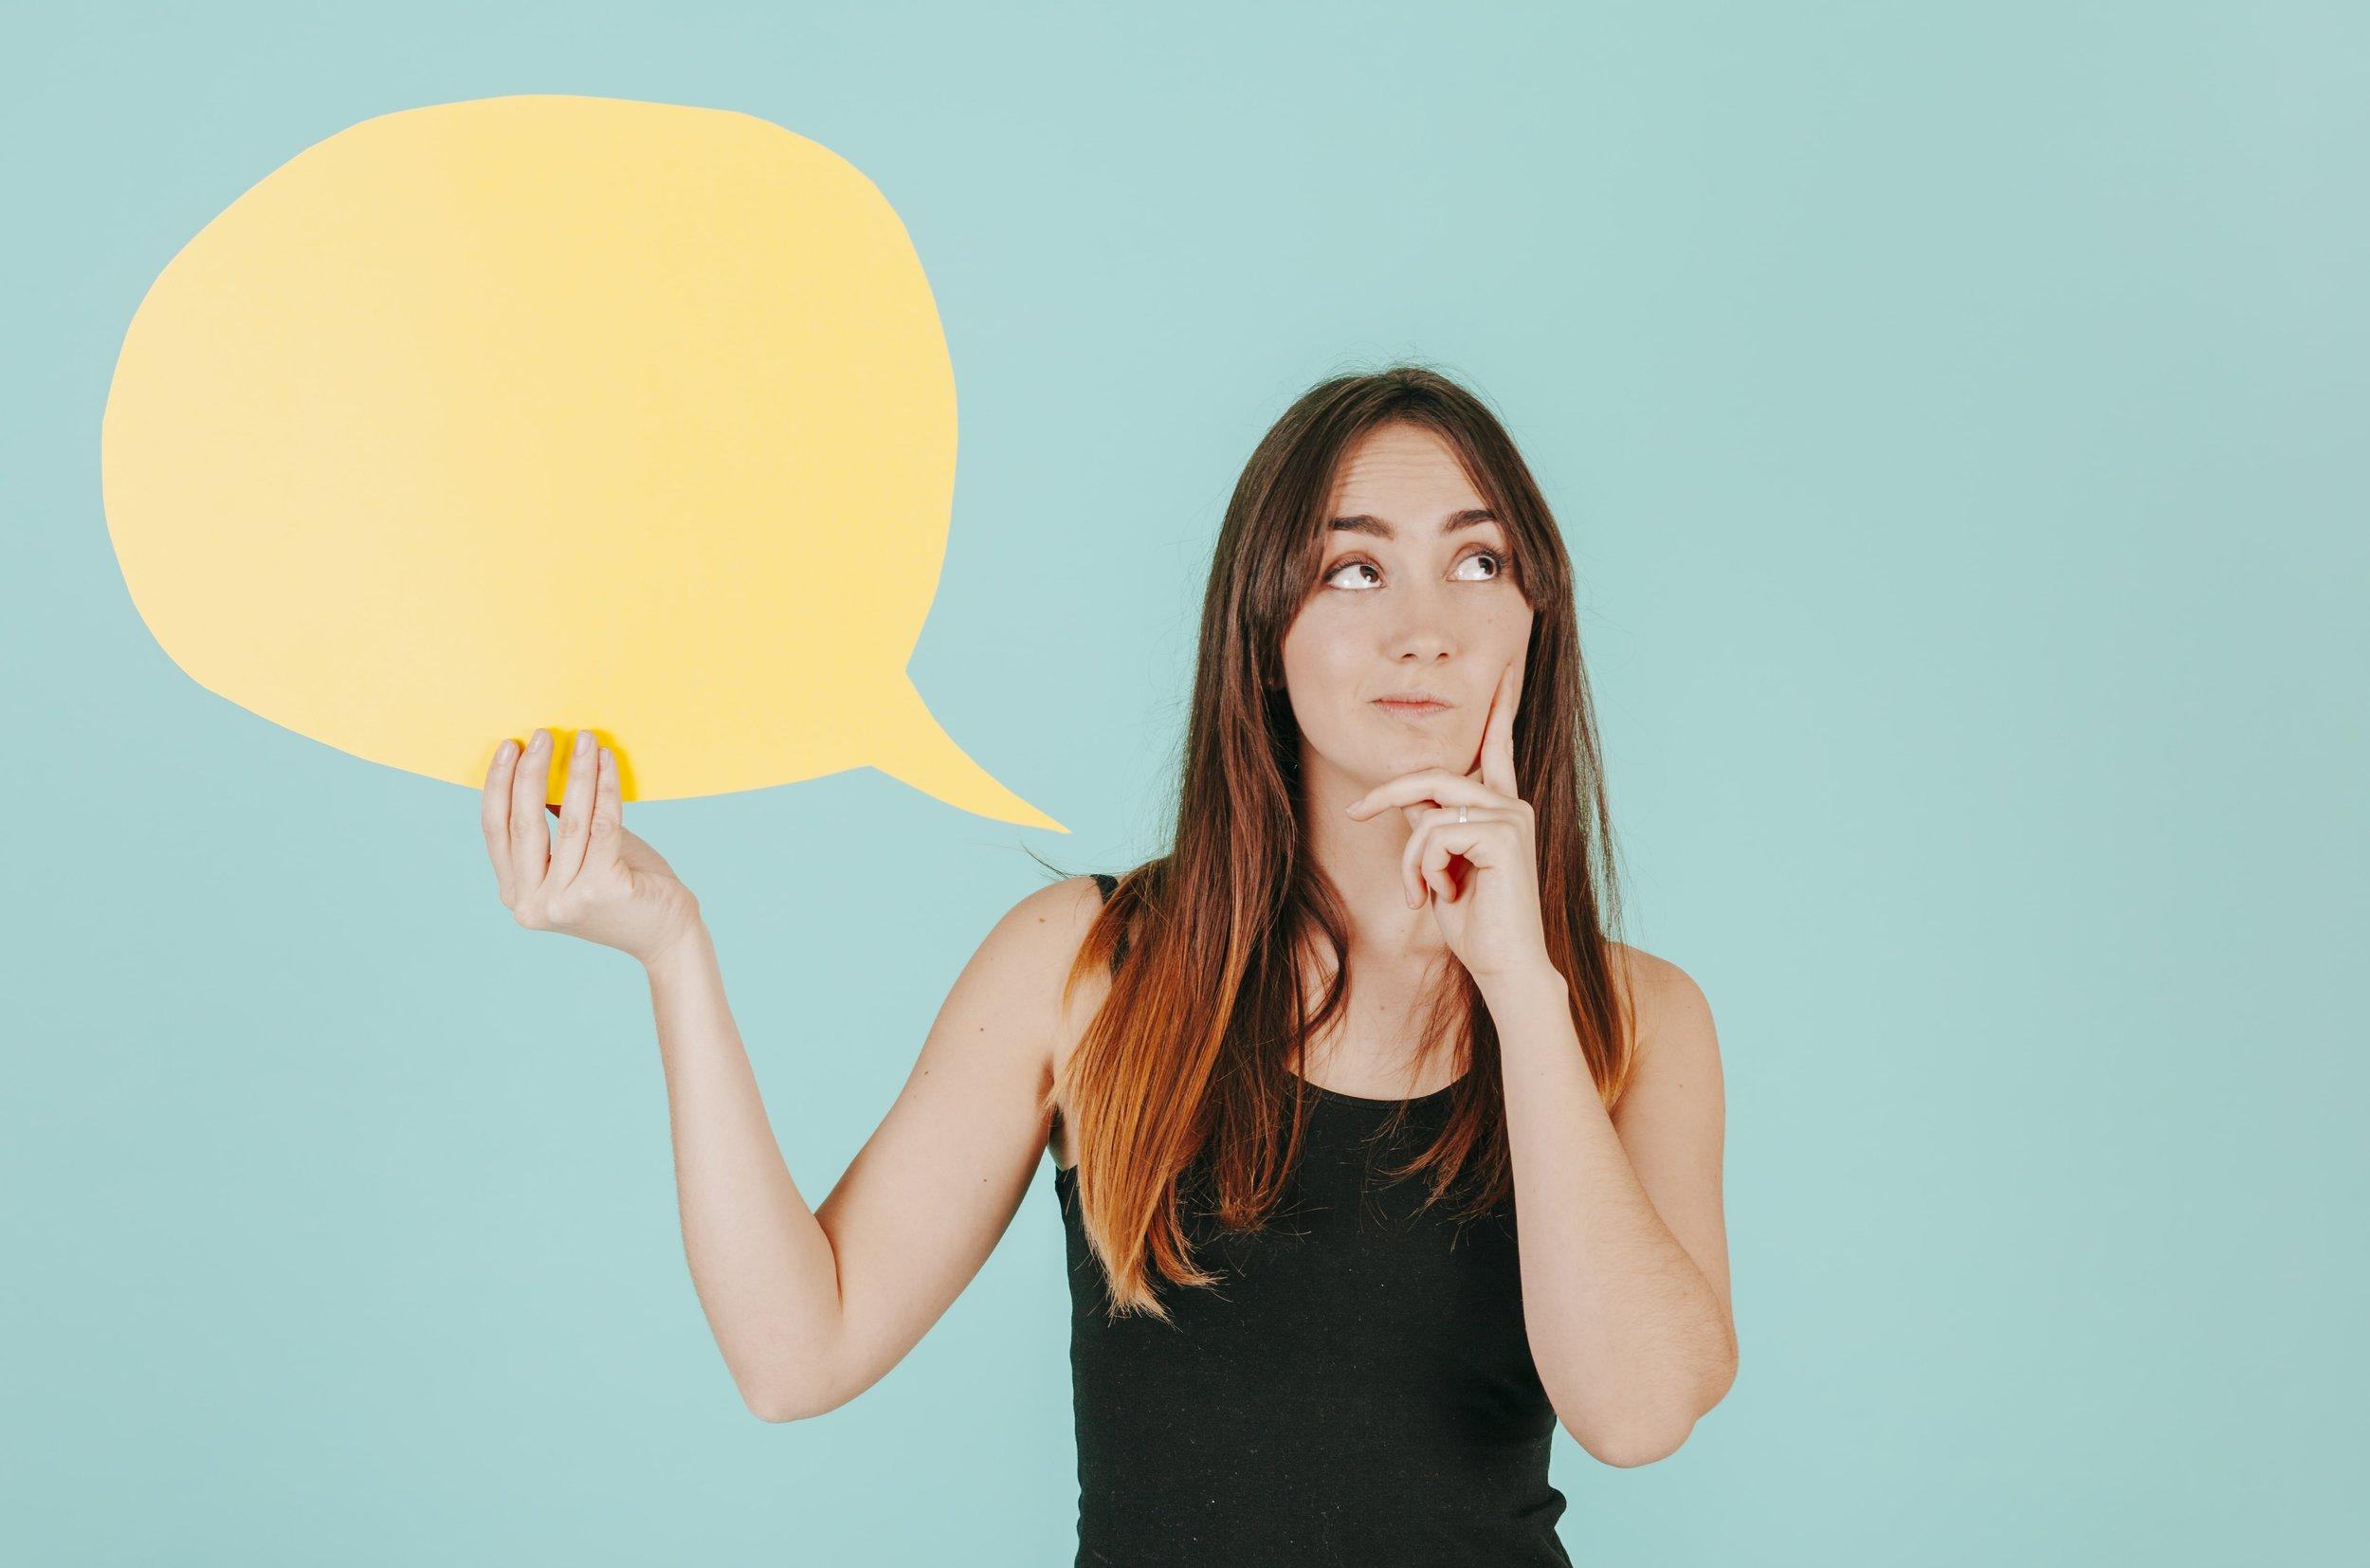 Klooker poll - Wij vroegen jullie om feedback over het gebruik van Klooker. We zijn heel erg blij met al jullie reacties! Hiermee kunnen we Klooker als platform nog werkbaarder maken, en jullie Klooker ervaring alleen verbeteren. Dank jullie wel! Er komen mooie veranderingen aan in de toekomst.We maken woensdag 10 april bekend wie er een Cora Ball heeft gewonnen als extra bedankje.